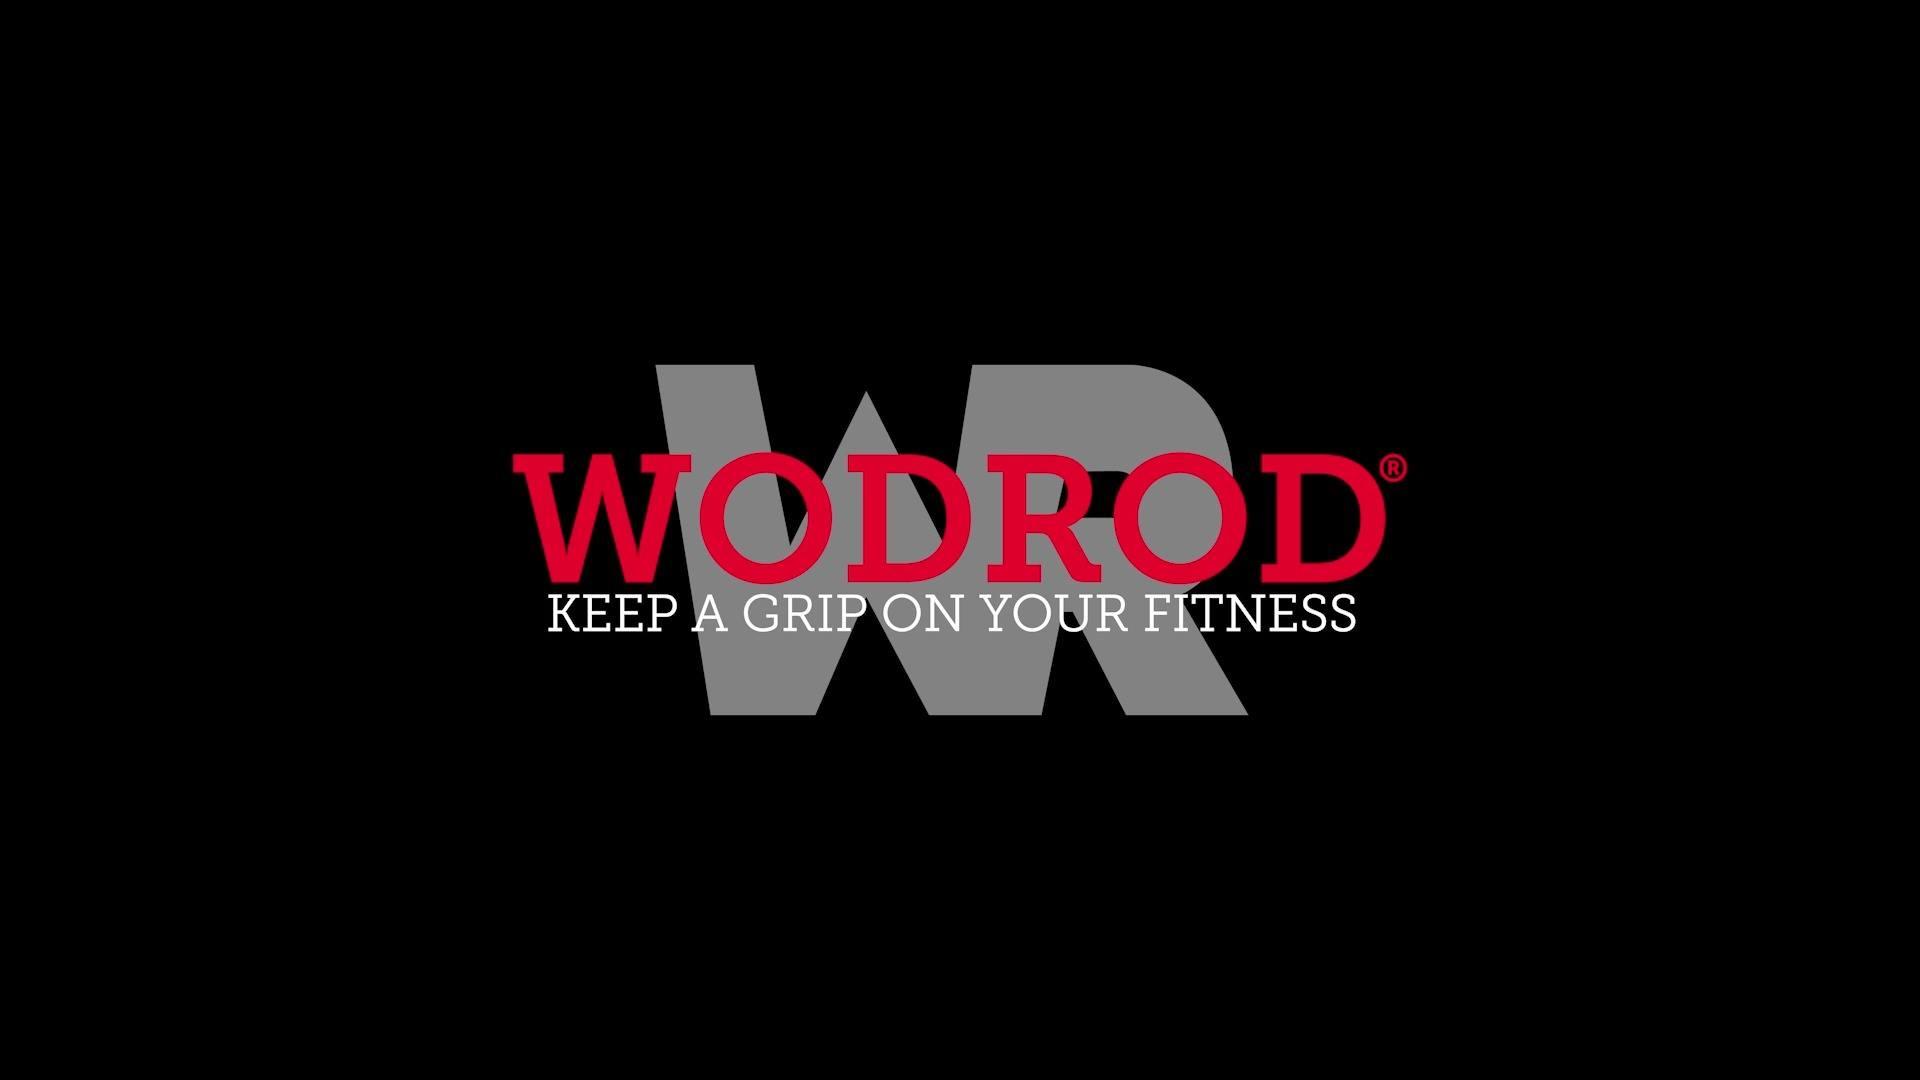 www.WODROD.com